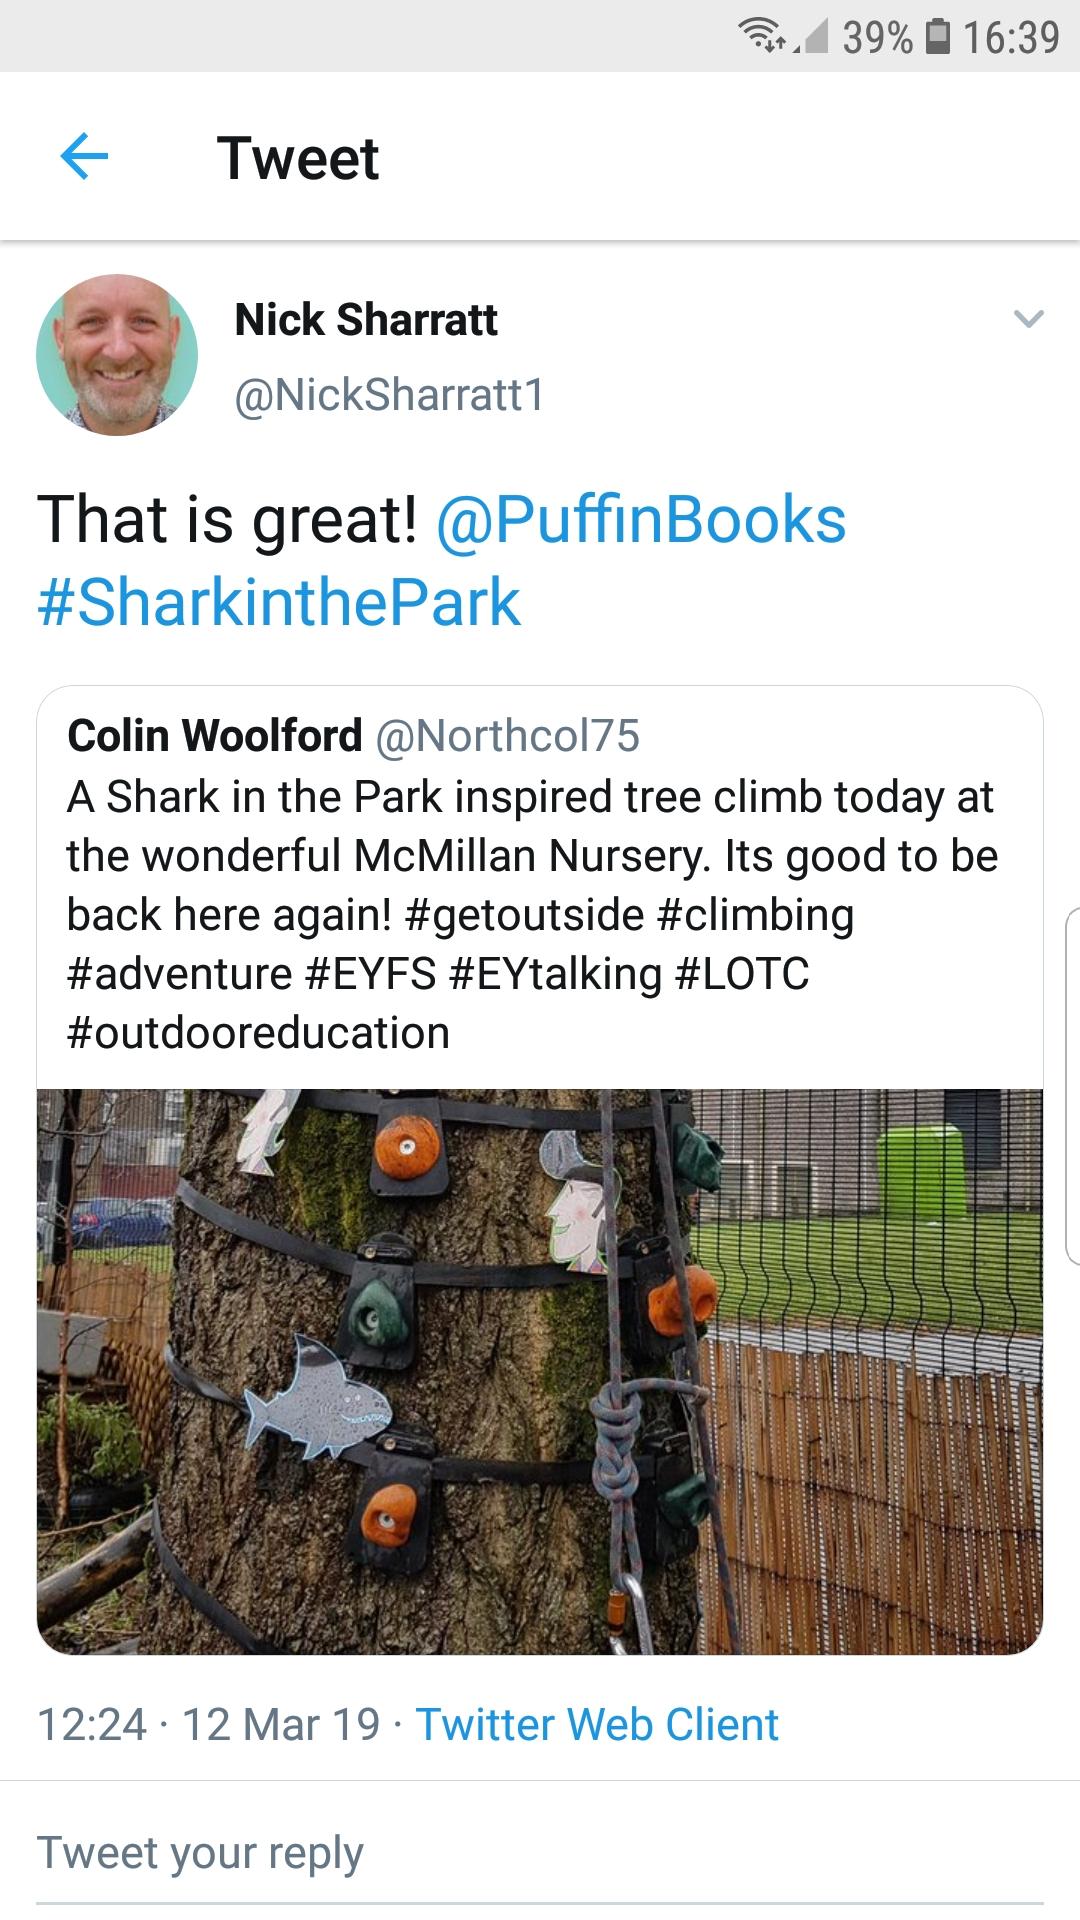 Twiter, Nick Sharratt, EYFS Outdoors, Shark in the Park